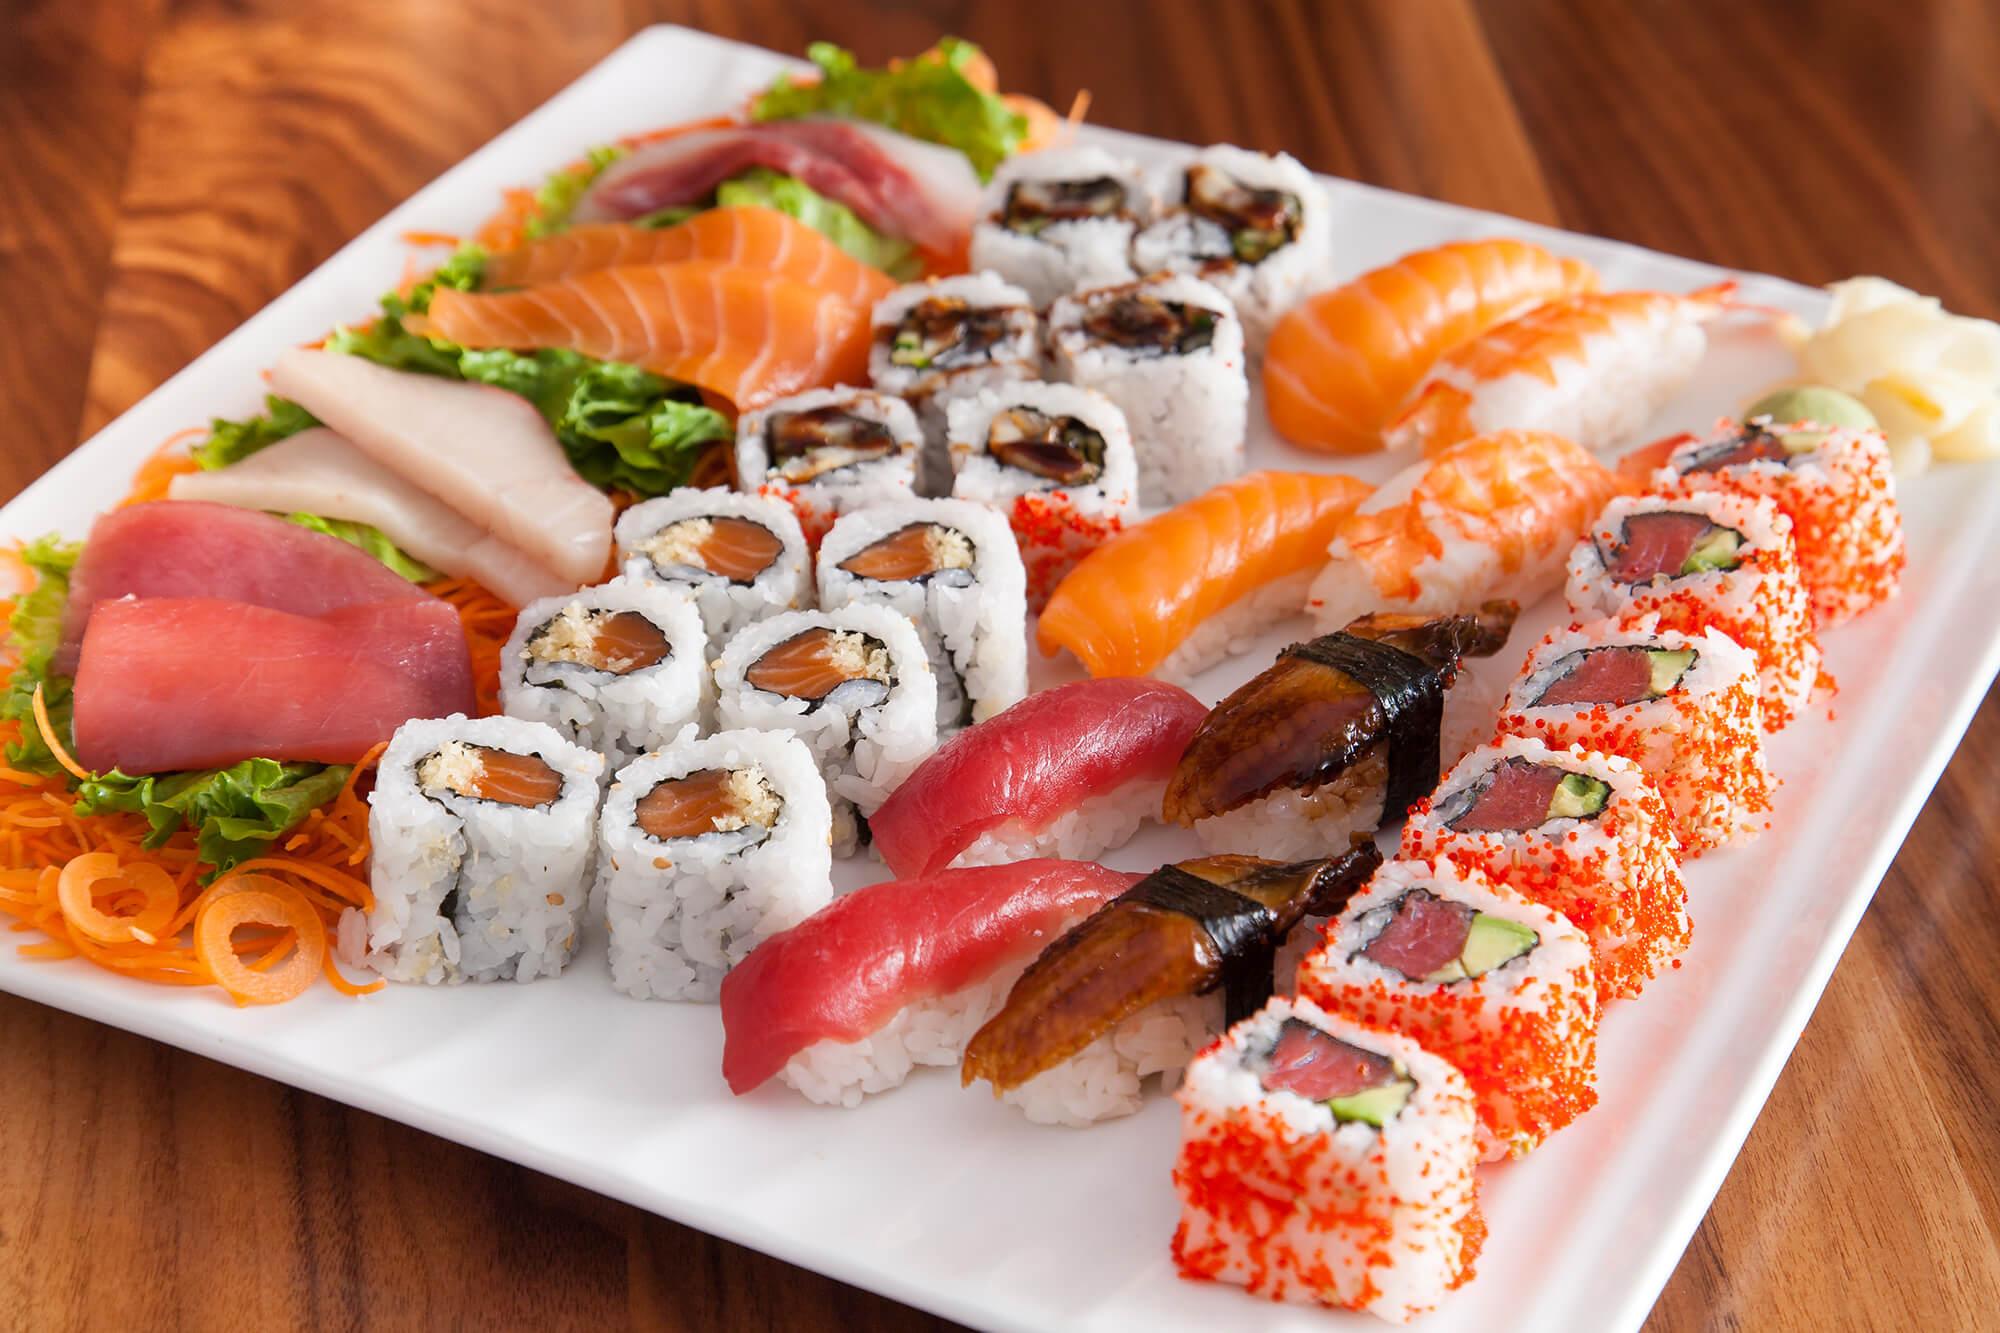 Cach an sushi chuyen nghiep nhu nguoi nhat e4f82a72c5